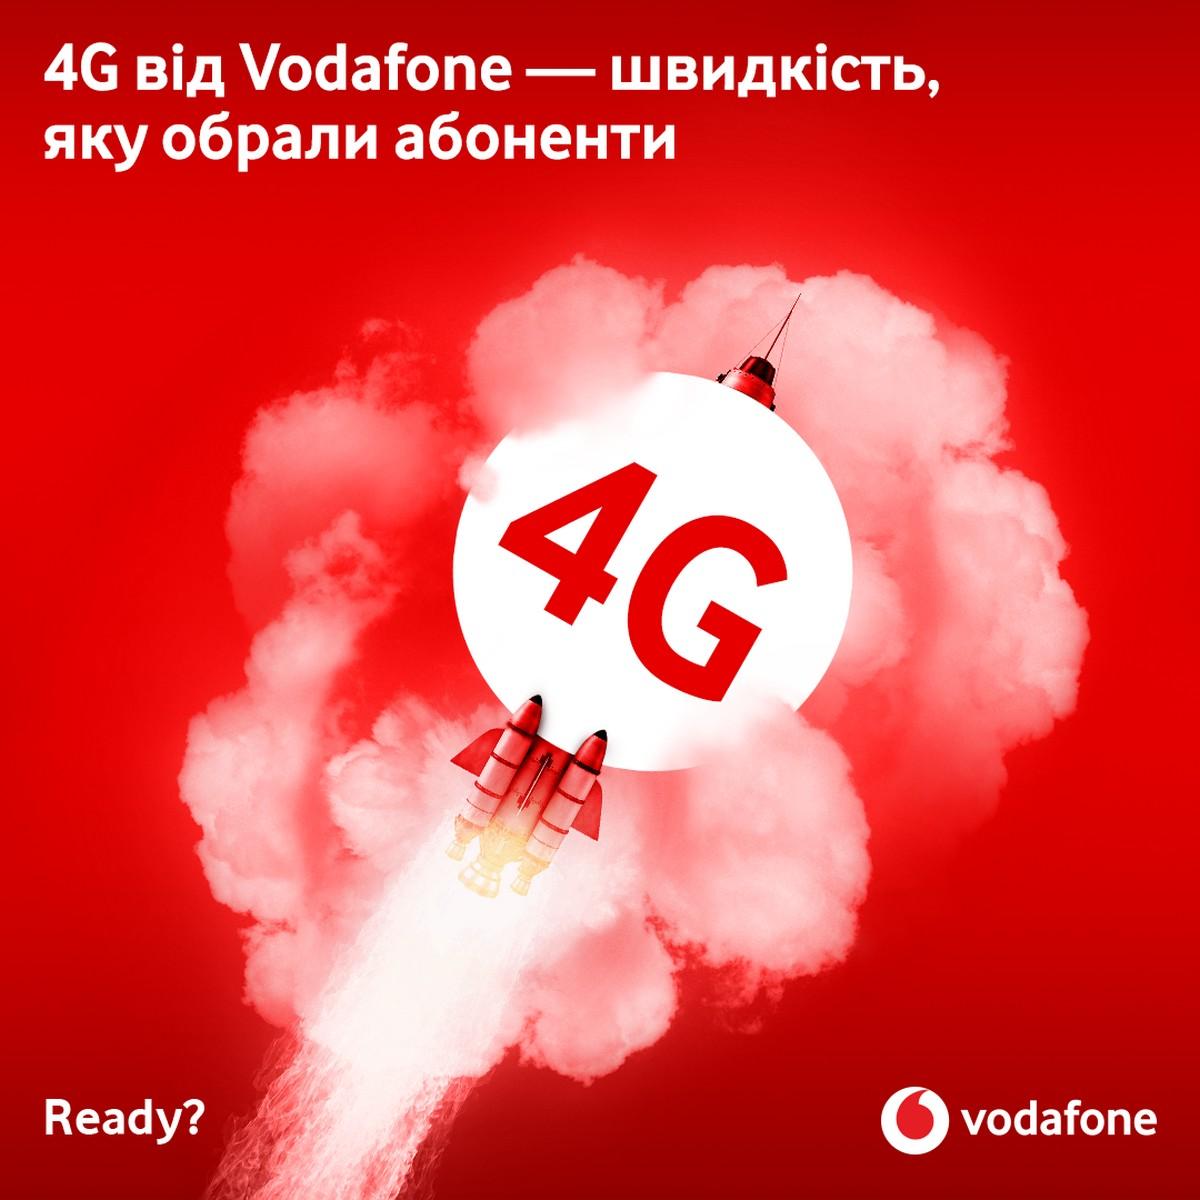 Vodafone запустил 4G LTE-900 во всех областях Украины, 800 базовых станций покрывают 4700 населенных пунктов с 3,7 млн жителей - ITC.ua